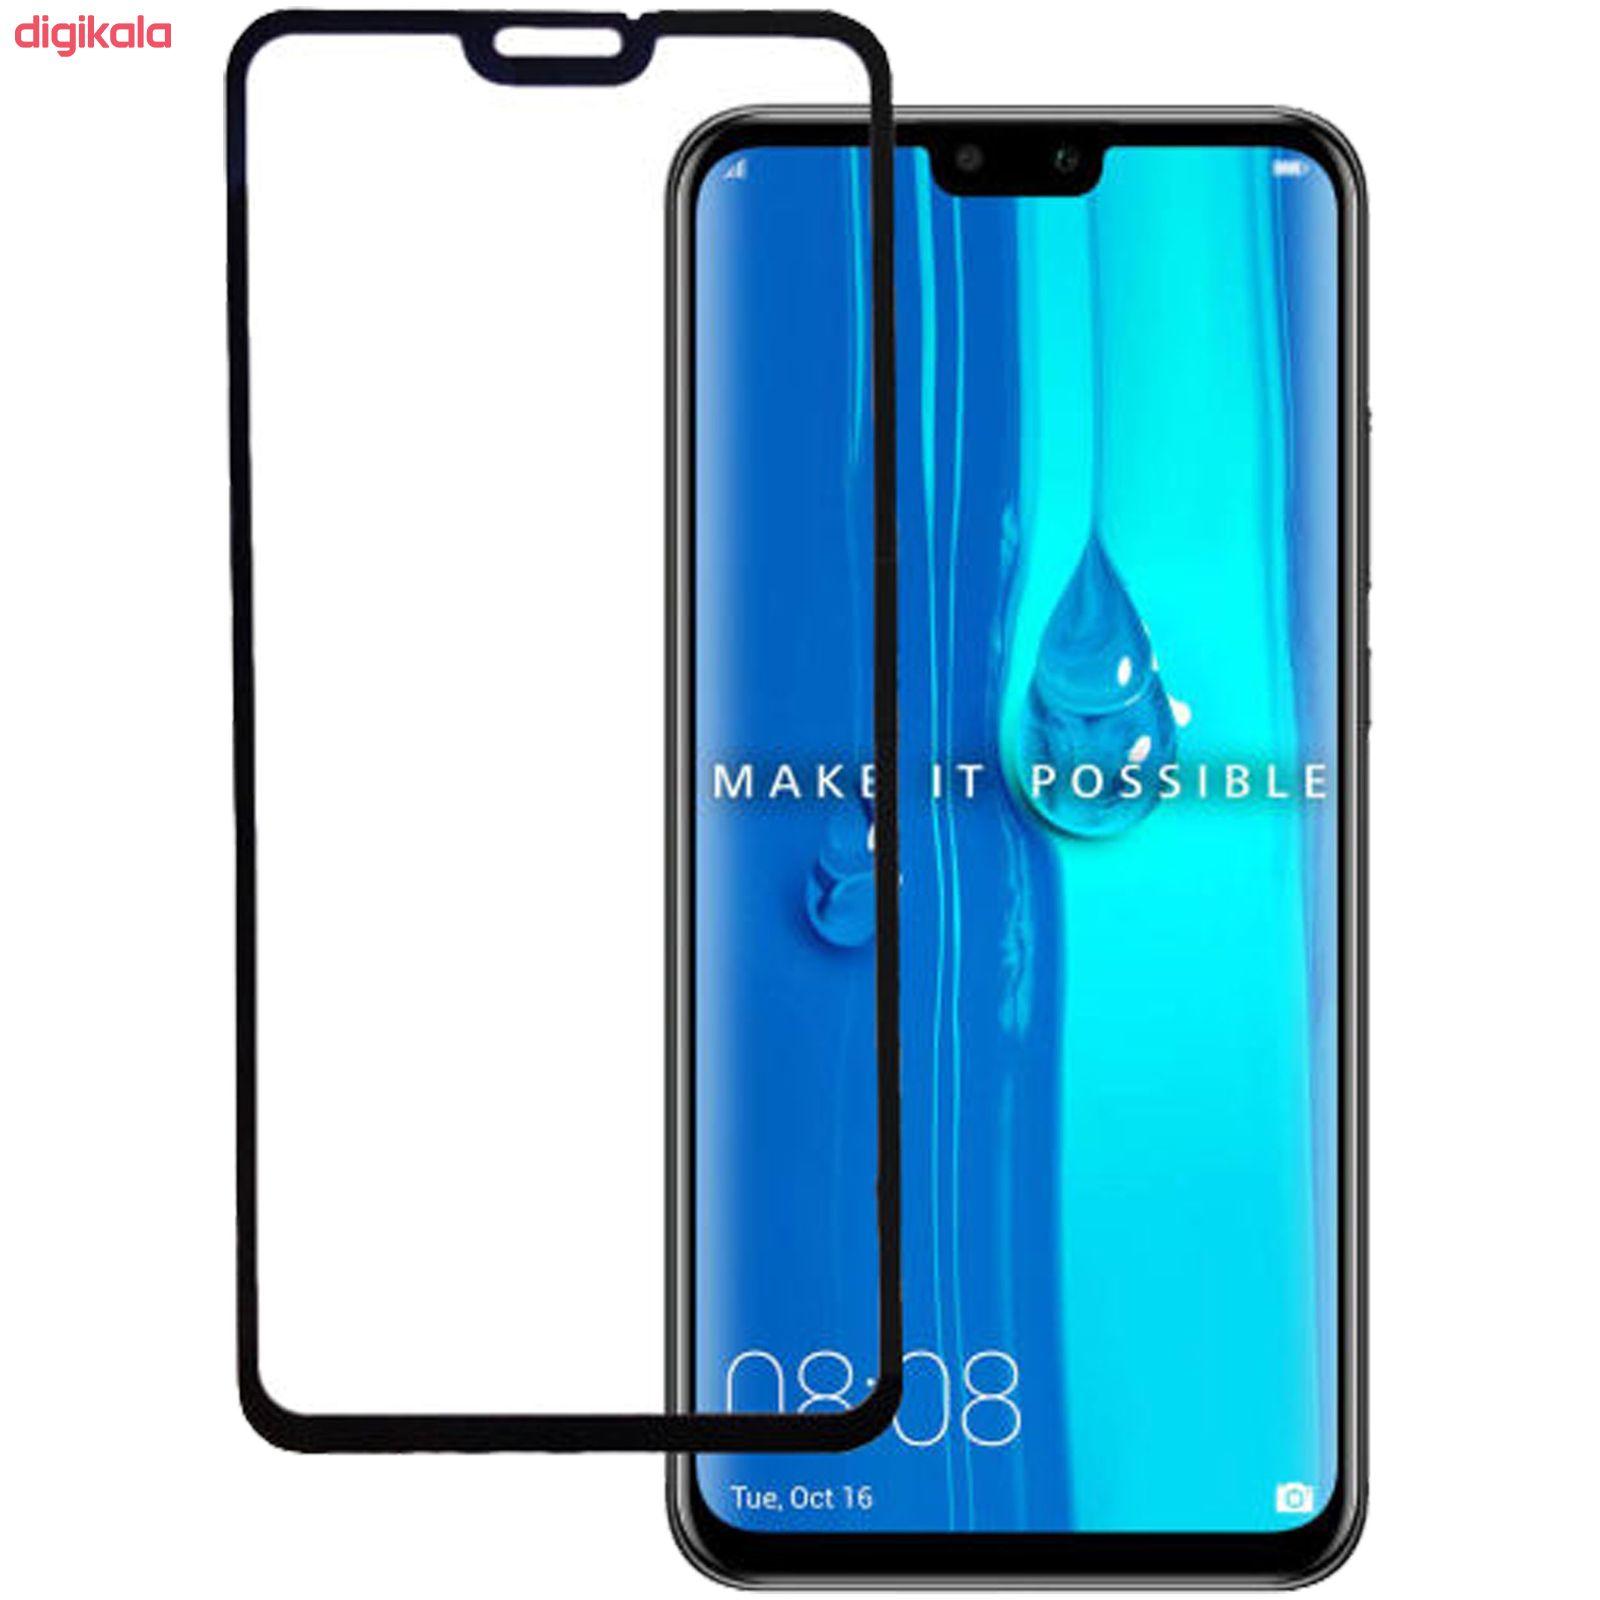 محافظ صفحه نمایش مدل GL-111 مناسب برای گوشی موبایل هوآوی Y9 2019/آنر 8x  main 1 5